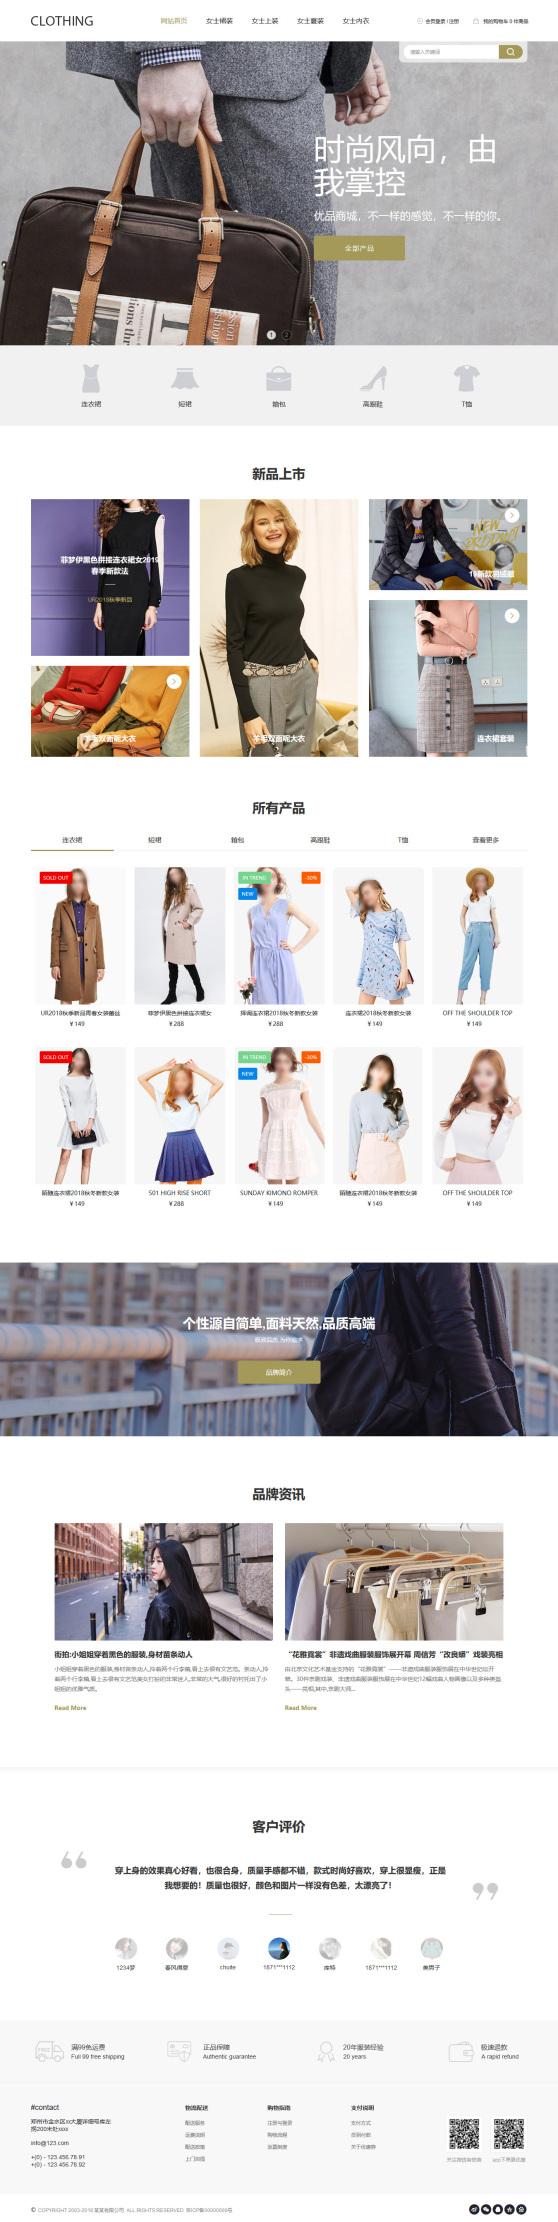 精品女装商城商城网站模板